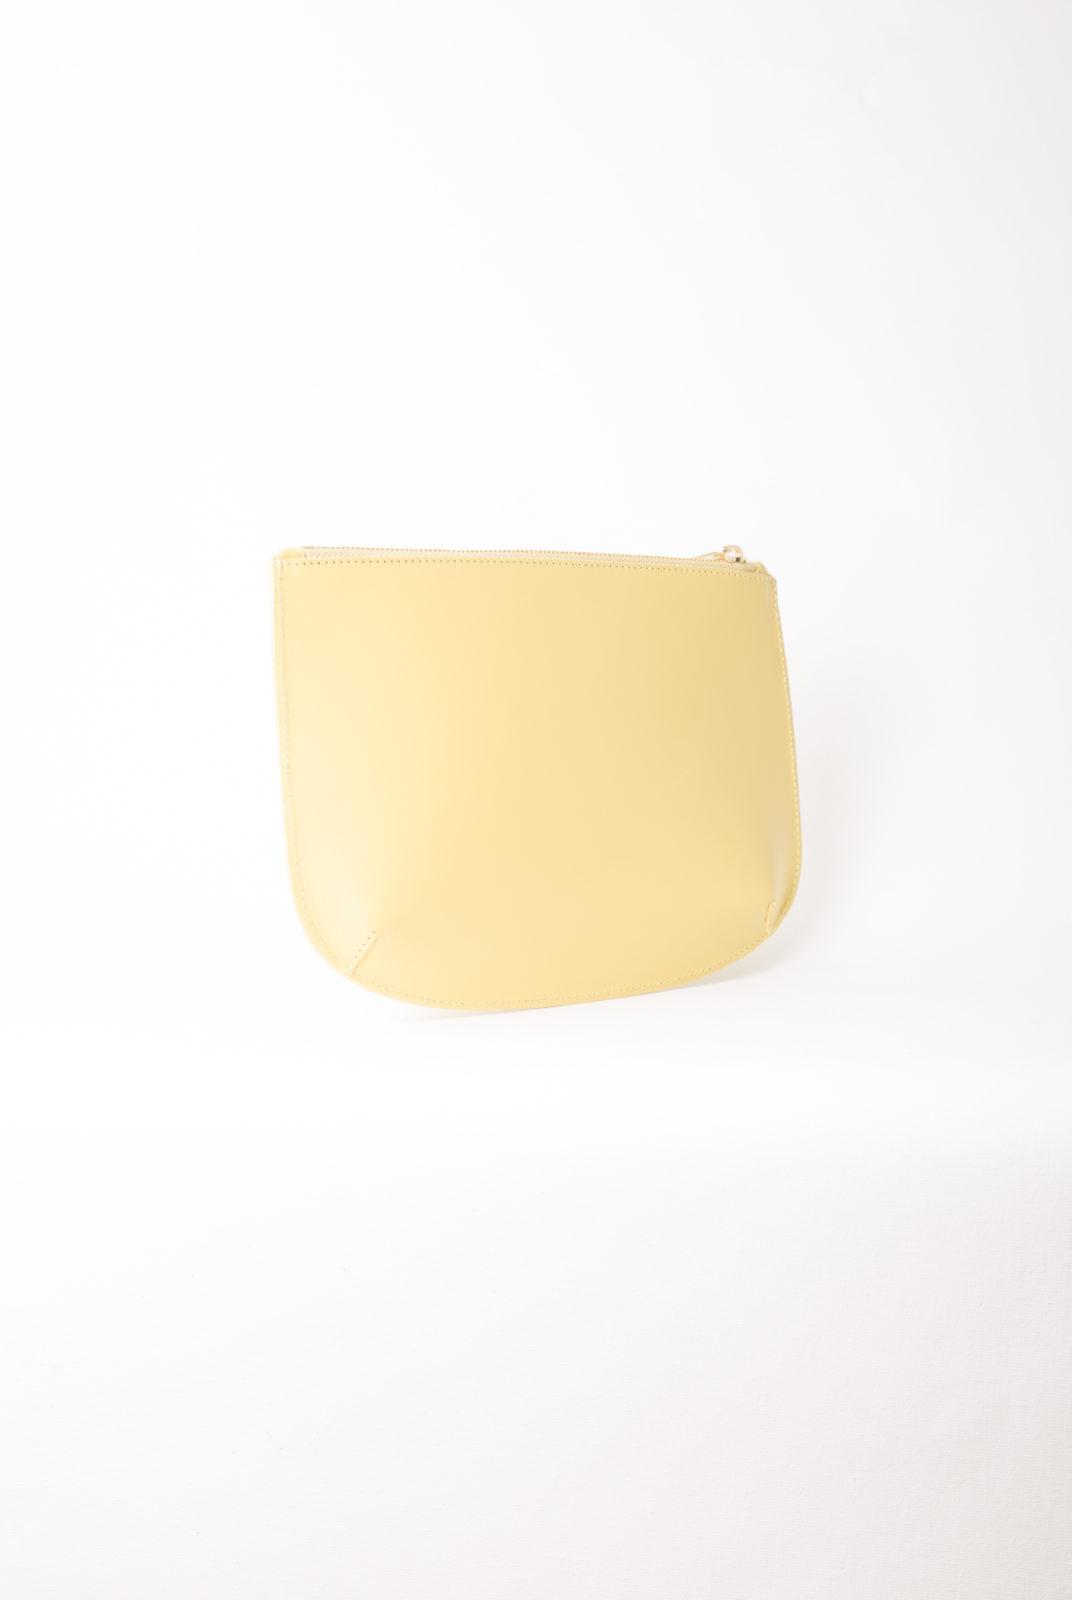 Cuir lisse brillant espagnol à tannage végétal. Patine naturelle à prévoir. Fermeture zippée sur le haut de la pochette.